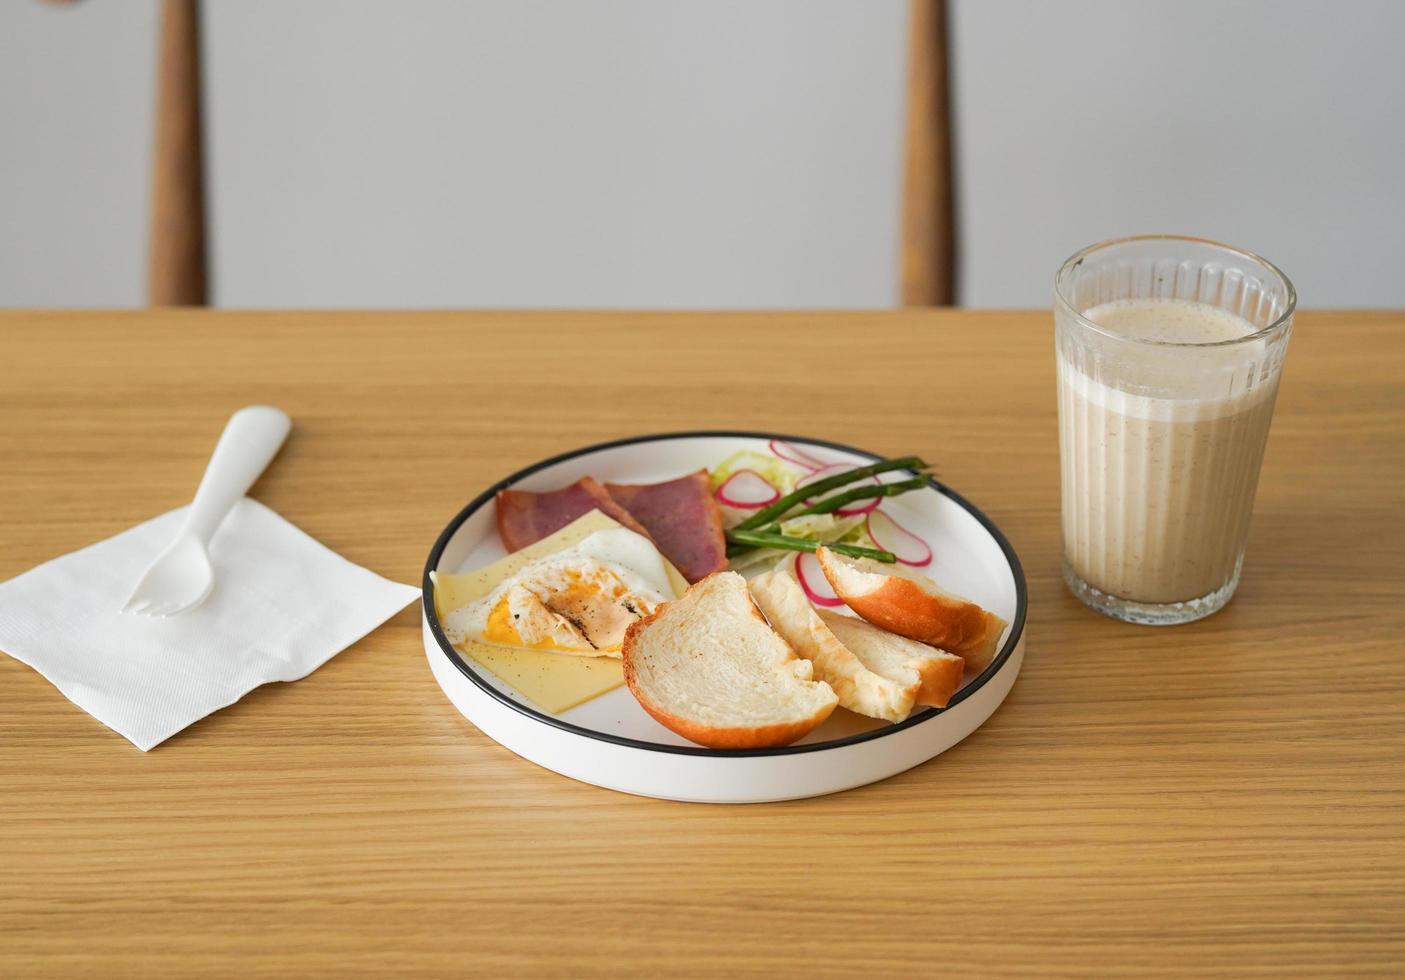 maaltijd met melk op houten tafel foto